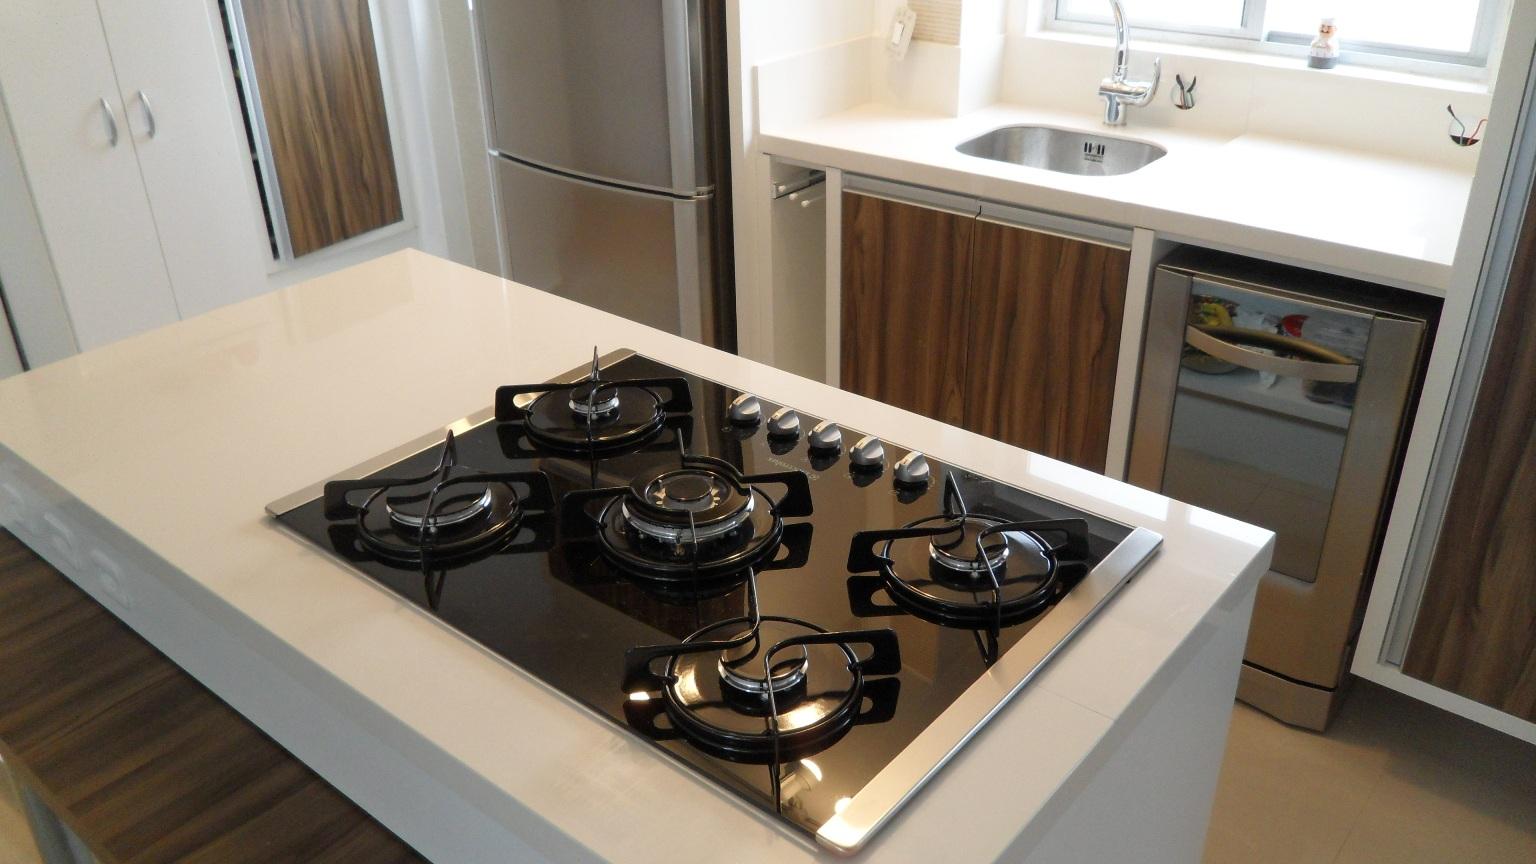 porcelanato.: Bancada cozinha com ilha e cooktop. Porcelanato #5F4932 1536 864